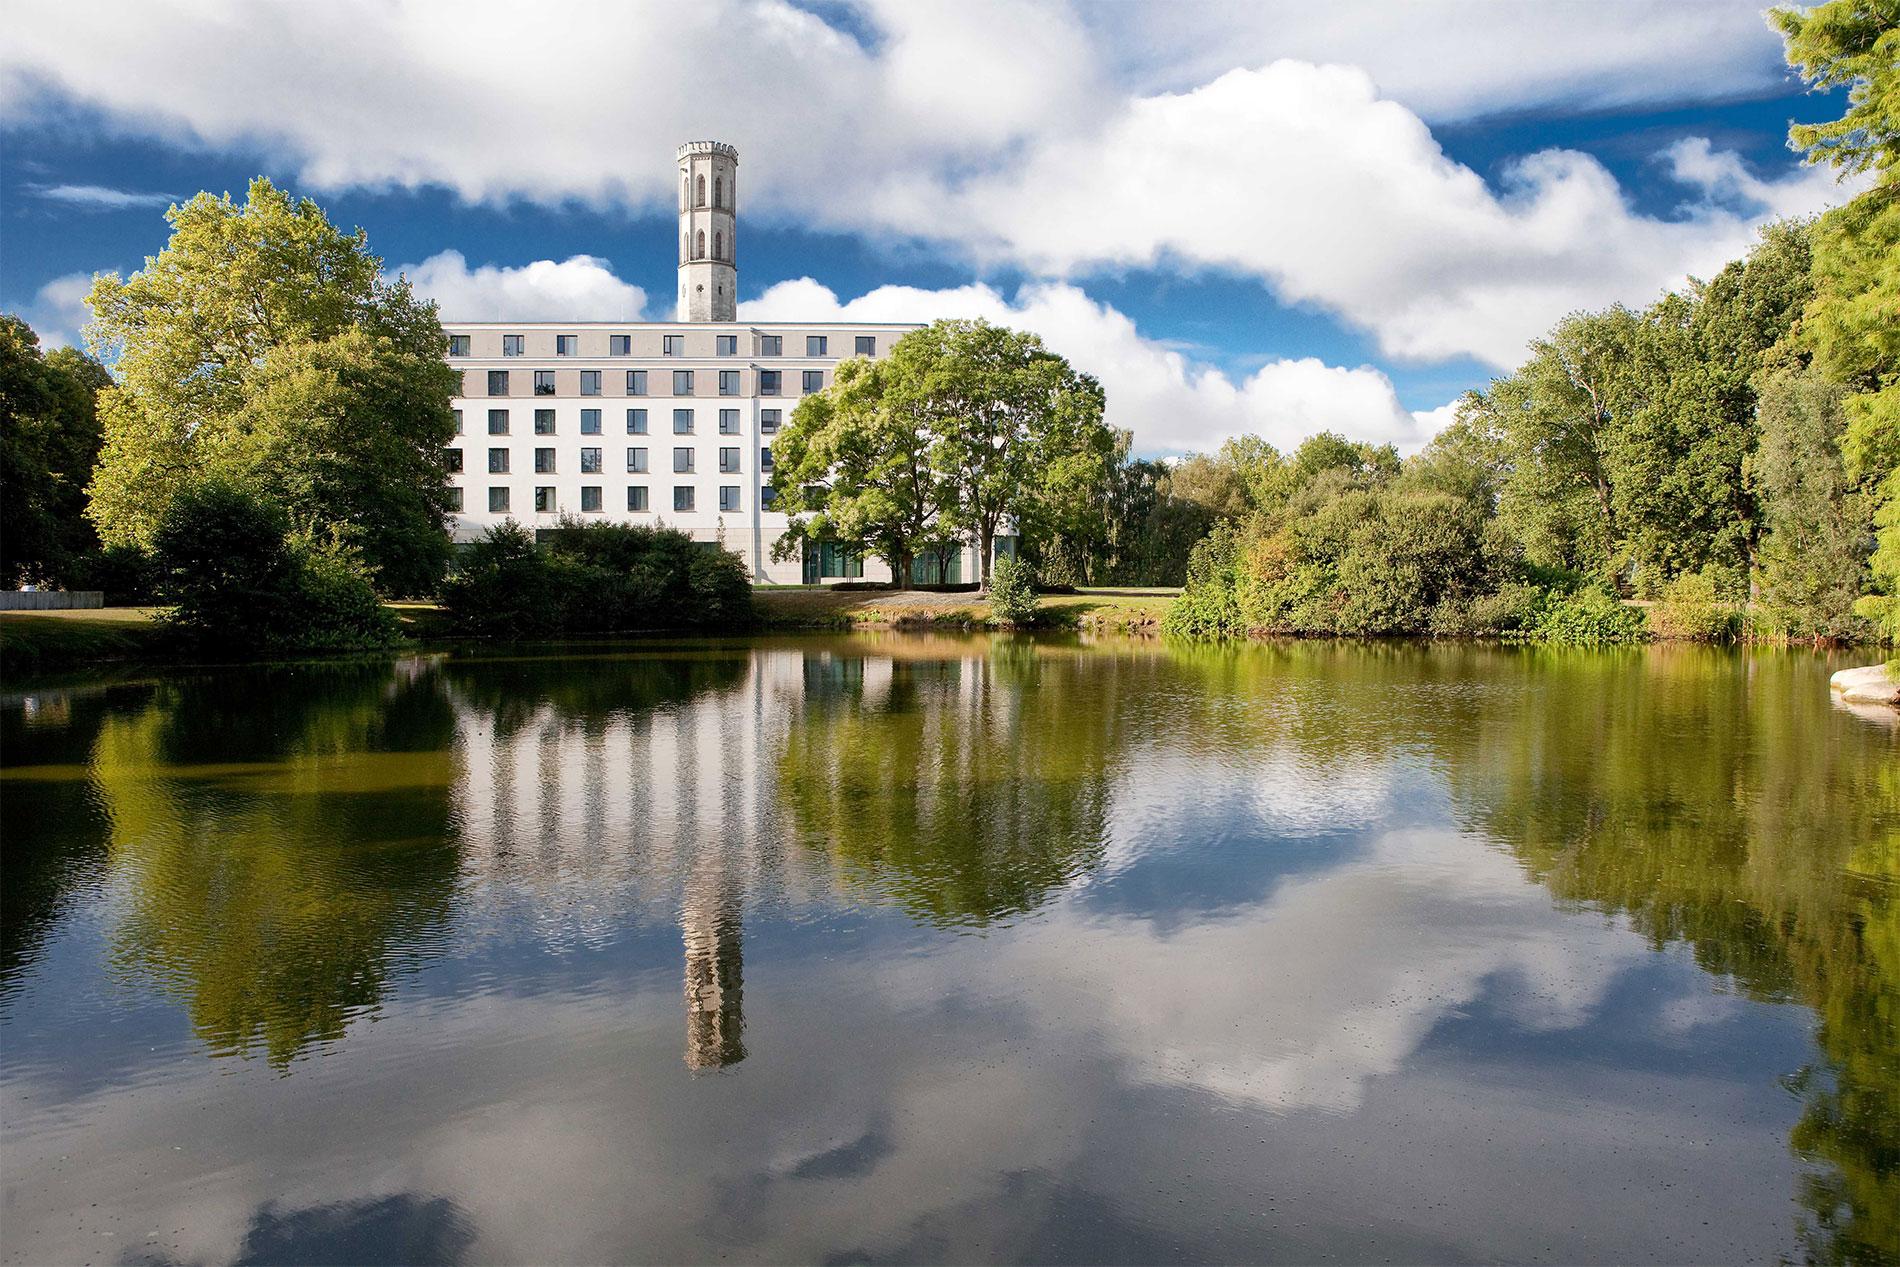 Steigenberger parkhotel in braunschweig germany opens for Design hotel braunschweig